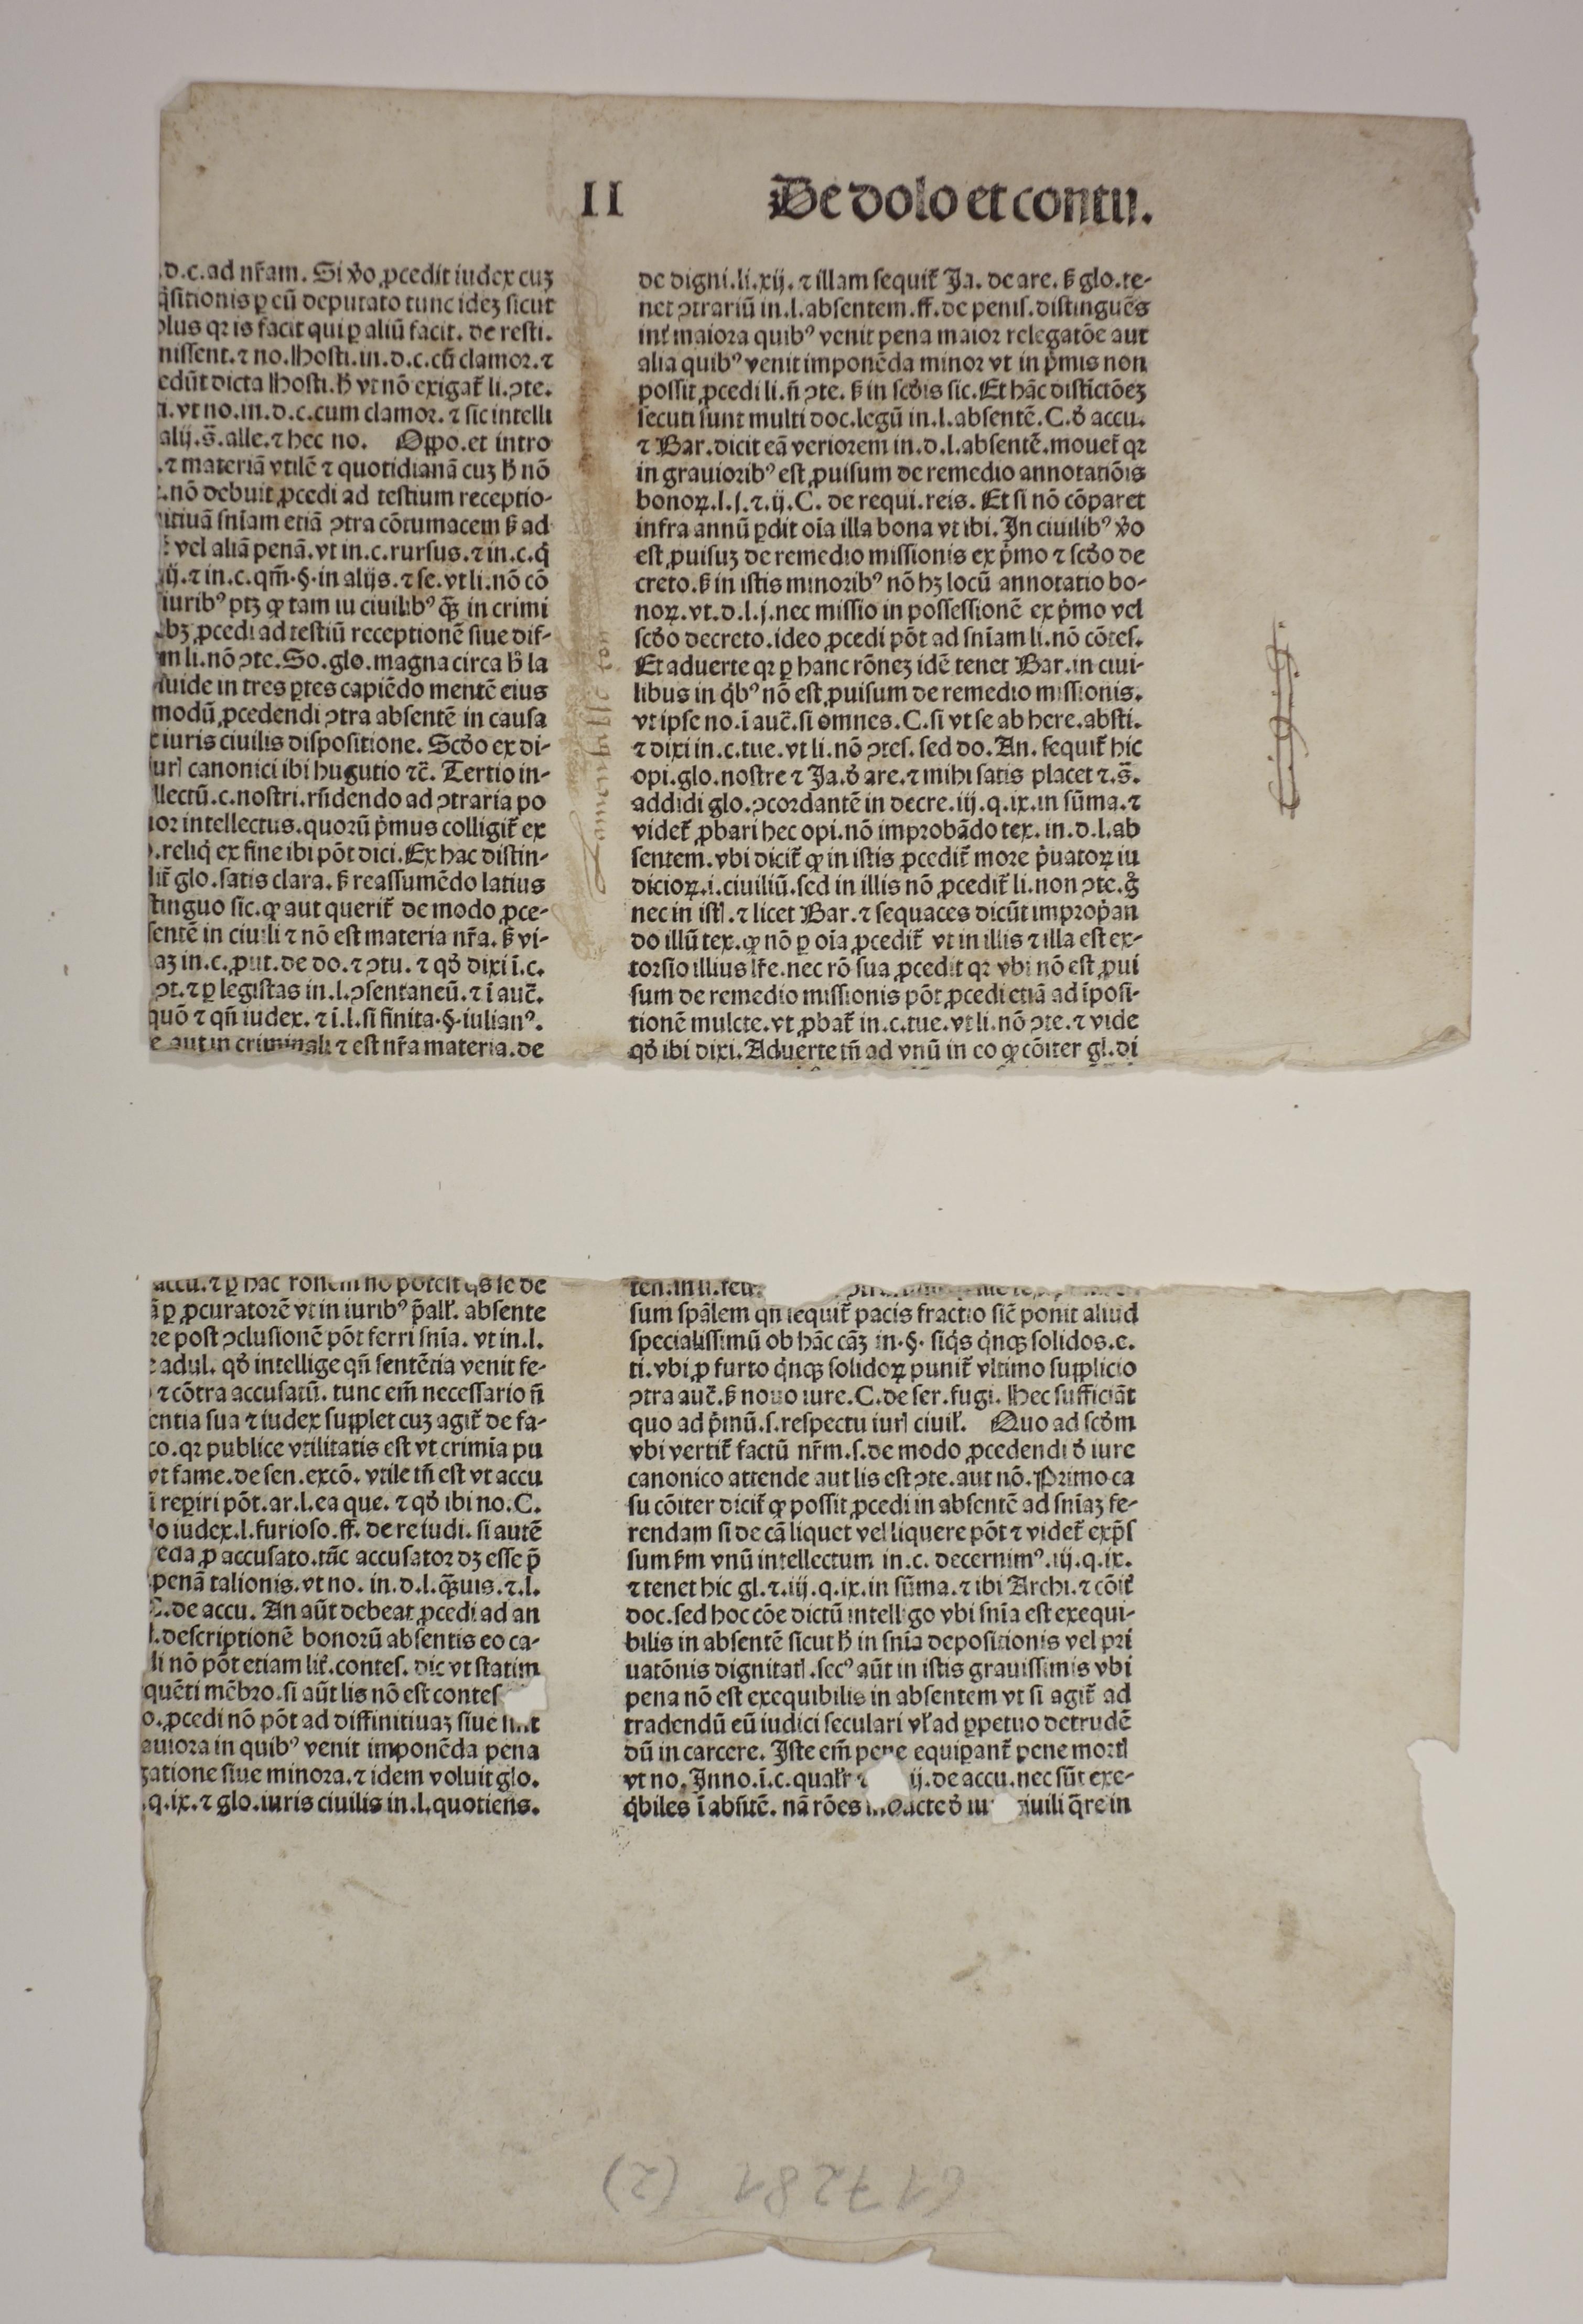 Super libros Decretalium II. pars 1 (GWM: Nicolaus de Tudeschis: